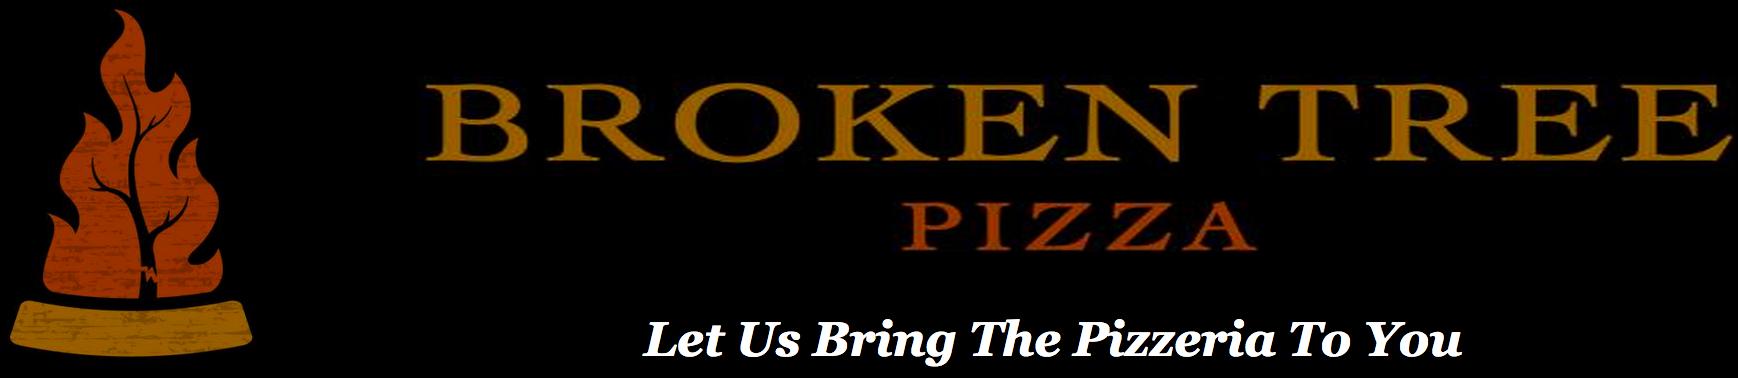 BrokenTreePizza.png